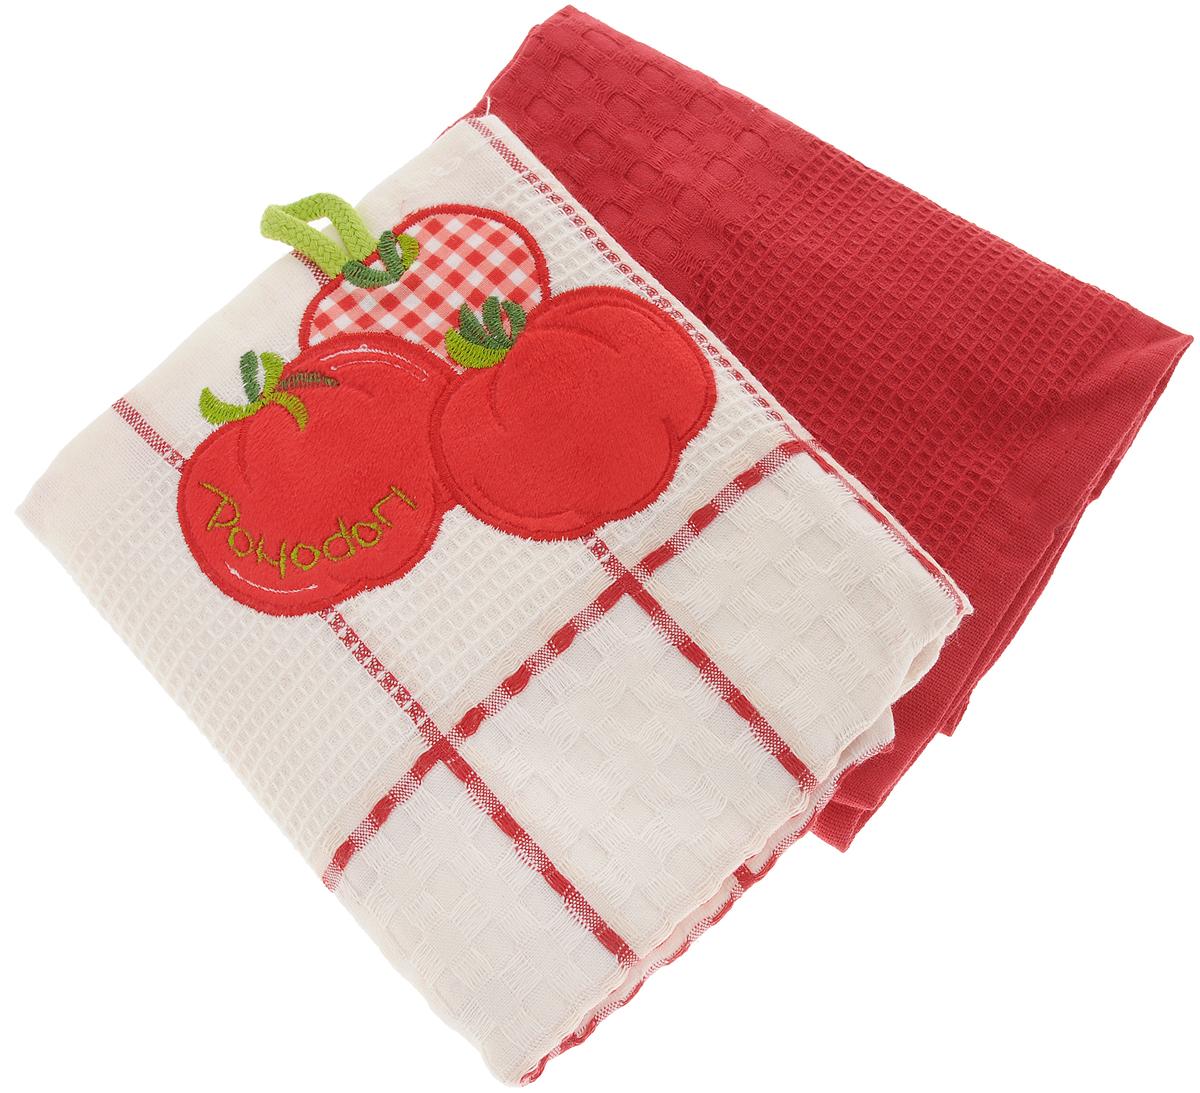 Набор кухонных полотенец Bonita Помидор, цвет: красный, белый, 45 х 70 см, 2 шт101310052Набор кухонных полотенец Bonita Помидор состоит из двух полотенец, изготовленный из натурального хлопка, идеально дополнит интерьер вашей кухни и создаст атмосферу уюта и комфорта. Одно полотенце белого цвета в красную клетку оформлено вышивкой и оснащено петелькой. Другое полотенце однотонное красного цвета без вышивки. Изделия выполнены из натурального материала, поэтому являются экологически чистыми. Высочайшее качество материала гарантирует безопасность не только взрослых, но и самых маленьких членов семьи. Современный декоративный текстиль для дома должен быть экологически чистым продуктом и отличаться ярким и современным дизайном.